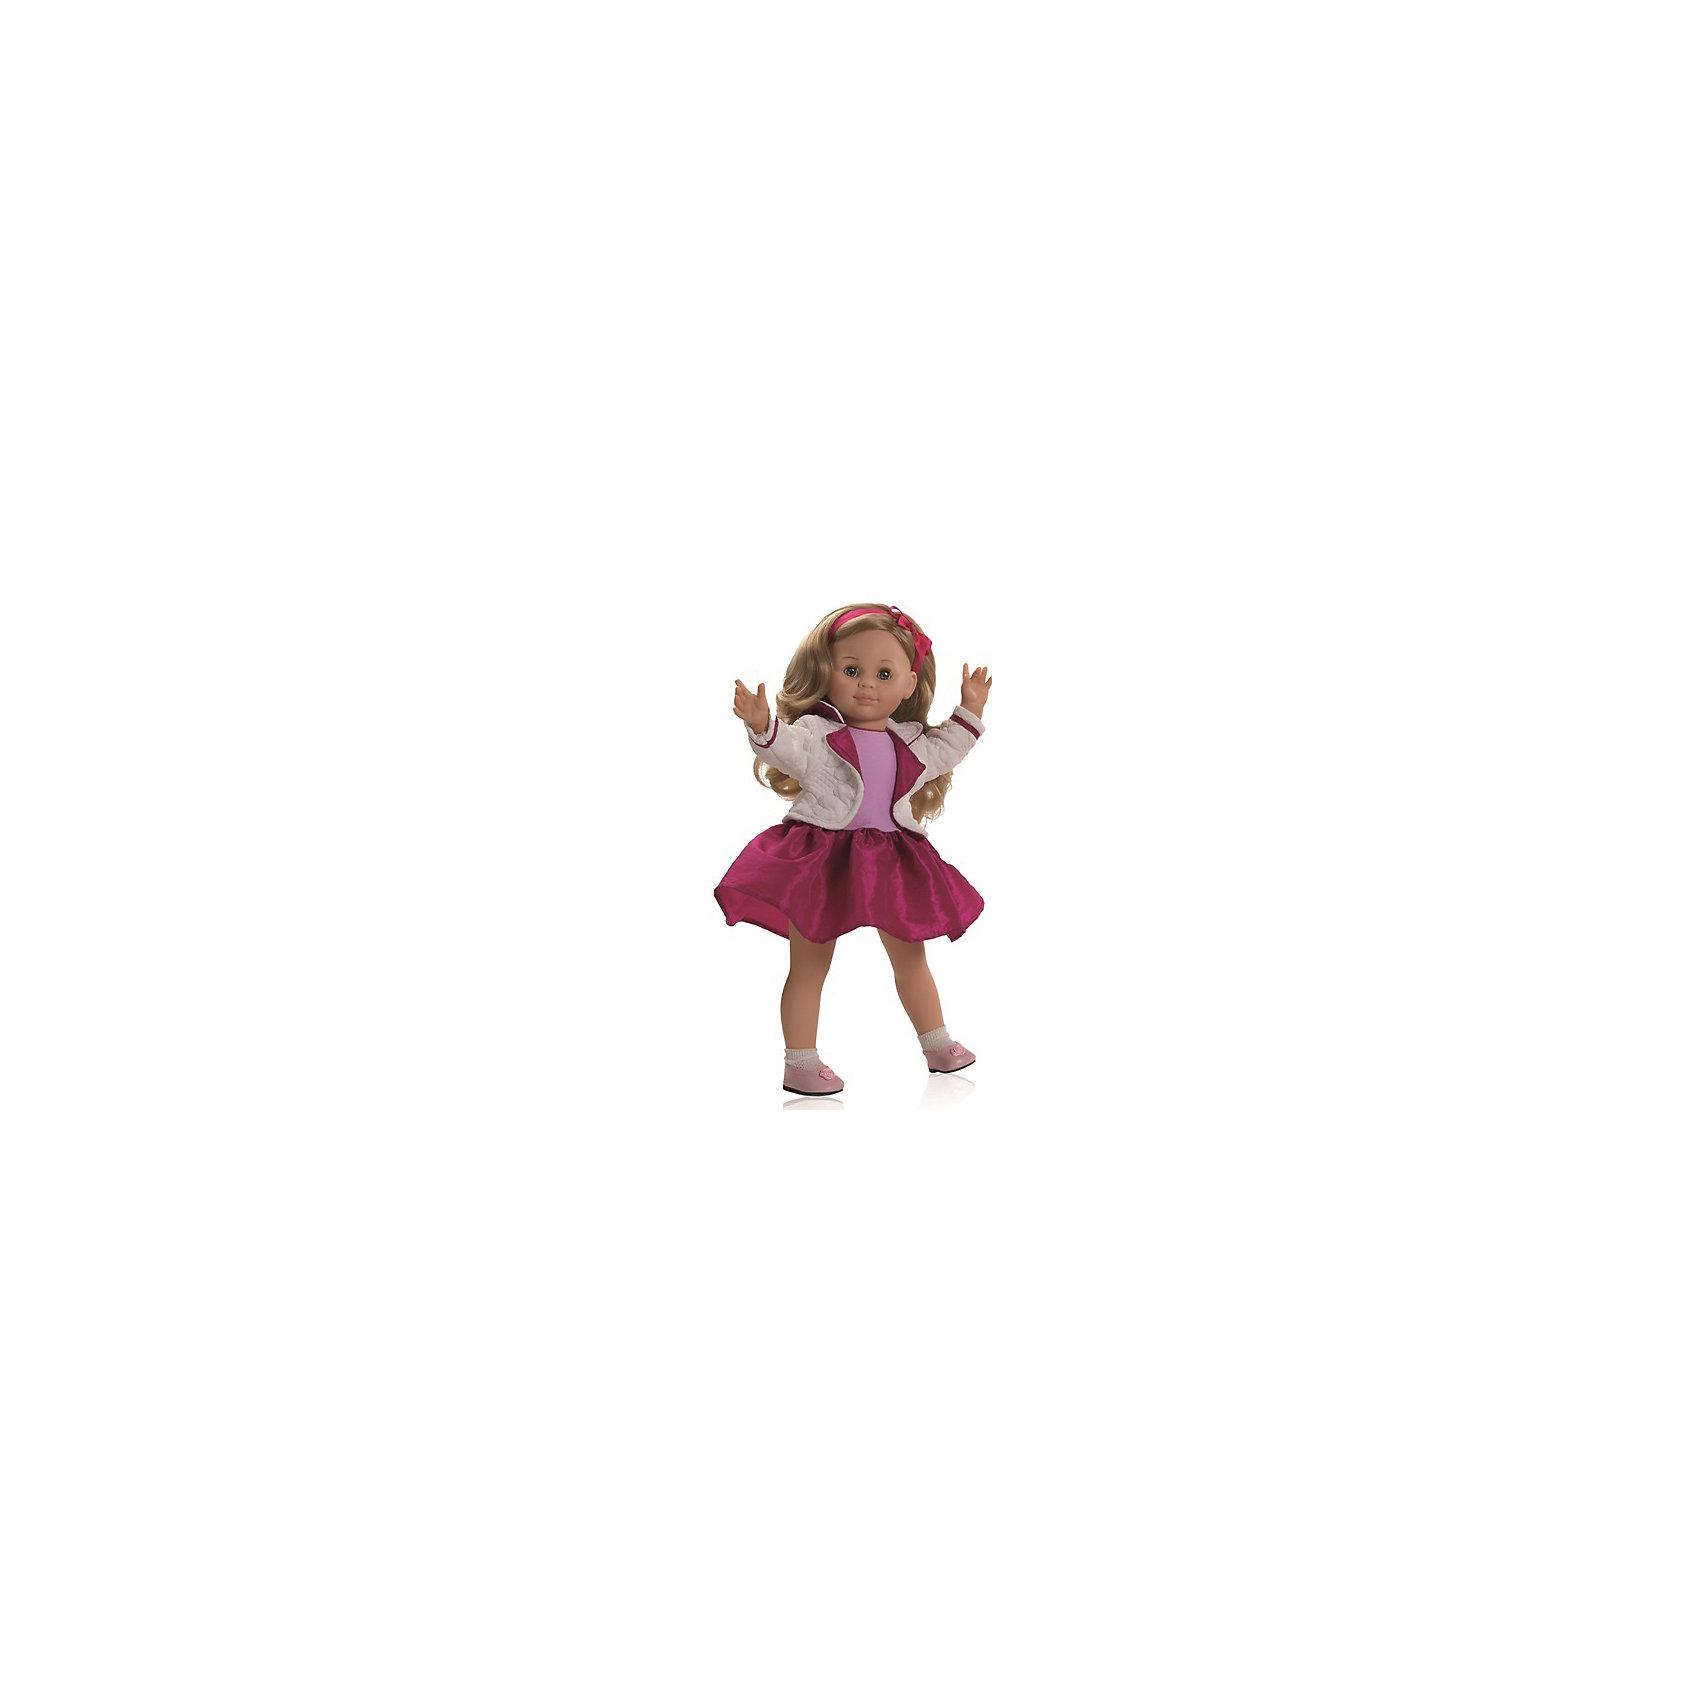 Кукла Иза, 47 см, Paola ReinaЭта очаровательная куколка приведет в восторг любую девочку! Кукла имеет мягконабивное тело и скелетный каркас, благодаря этому у нее вращаются руки и ноги (вдоль тела и на 360 градусов). Тело куклы может немного сгибаться в талии. Очаровательная Иза так похожа на маленькую озорную девочку! Она одета в розовое платье с пышной юбкой и модный бело-розовый жакет. На ногах куколки белые носочки и маленькие туфельки. Белокурые волосы куколки так приятно расчесывать, создавая всевозможные прически. Куклы Паола Рейна имеют нежный ванильный аромат, одеты в модную одежду с аксессуарами. Выразительная мимика, уникальный и неповторимый дизайн лица и тела делают эти игрушки запоминающимися и уникальными. Куклы изготовлены из высококачественных нетоксичных материалов, абсолютно безопасны для детей. <br><br>Дополнительная информация:<br><br>- Материалы: кукла изготовлена из винила и текстиля; глаза выполнены в виде кристалла из прозрачного твердого пластика; волосы сделаны из высококачественного нейлона, одежда - текстиль.<br>- Размер: 47 см.<br>- Комплектация: кукла в одежде и обуви. <br>- Голова, ручки, ножки куклы подвижные.<br>- Мягконабивное тело.<br>- Нельзя мыть.<br>- Глаза закрываются.<br><br>Куклу Изу 47 см, Paola Reina (Паола Рейна), можно купить в нашем магазине.<br><br>Ширина мм: 290<br>Глубина мм: 155<br>Высота мм: 540<br>Вес г: 1500<br>Возраст от месяцев: 36<br>Возраст до месяцев: 144<br>Пол: Женский<br>Возраст: Детский<br>SKU: 4420322